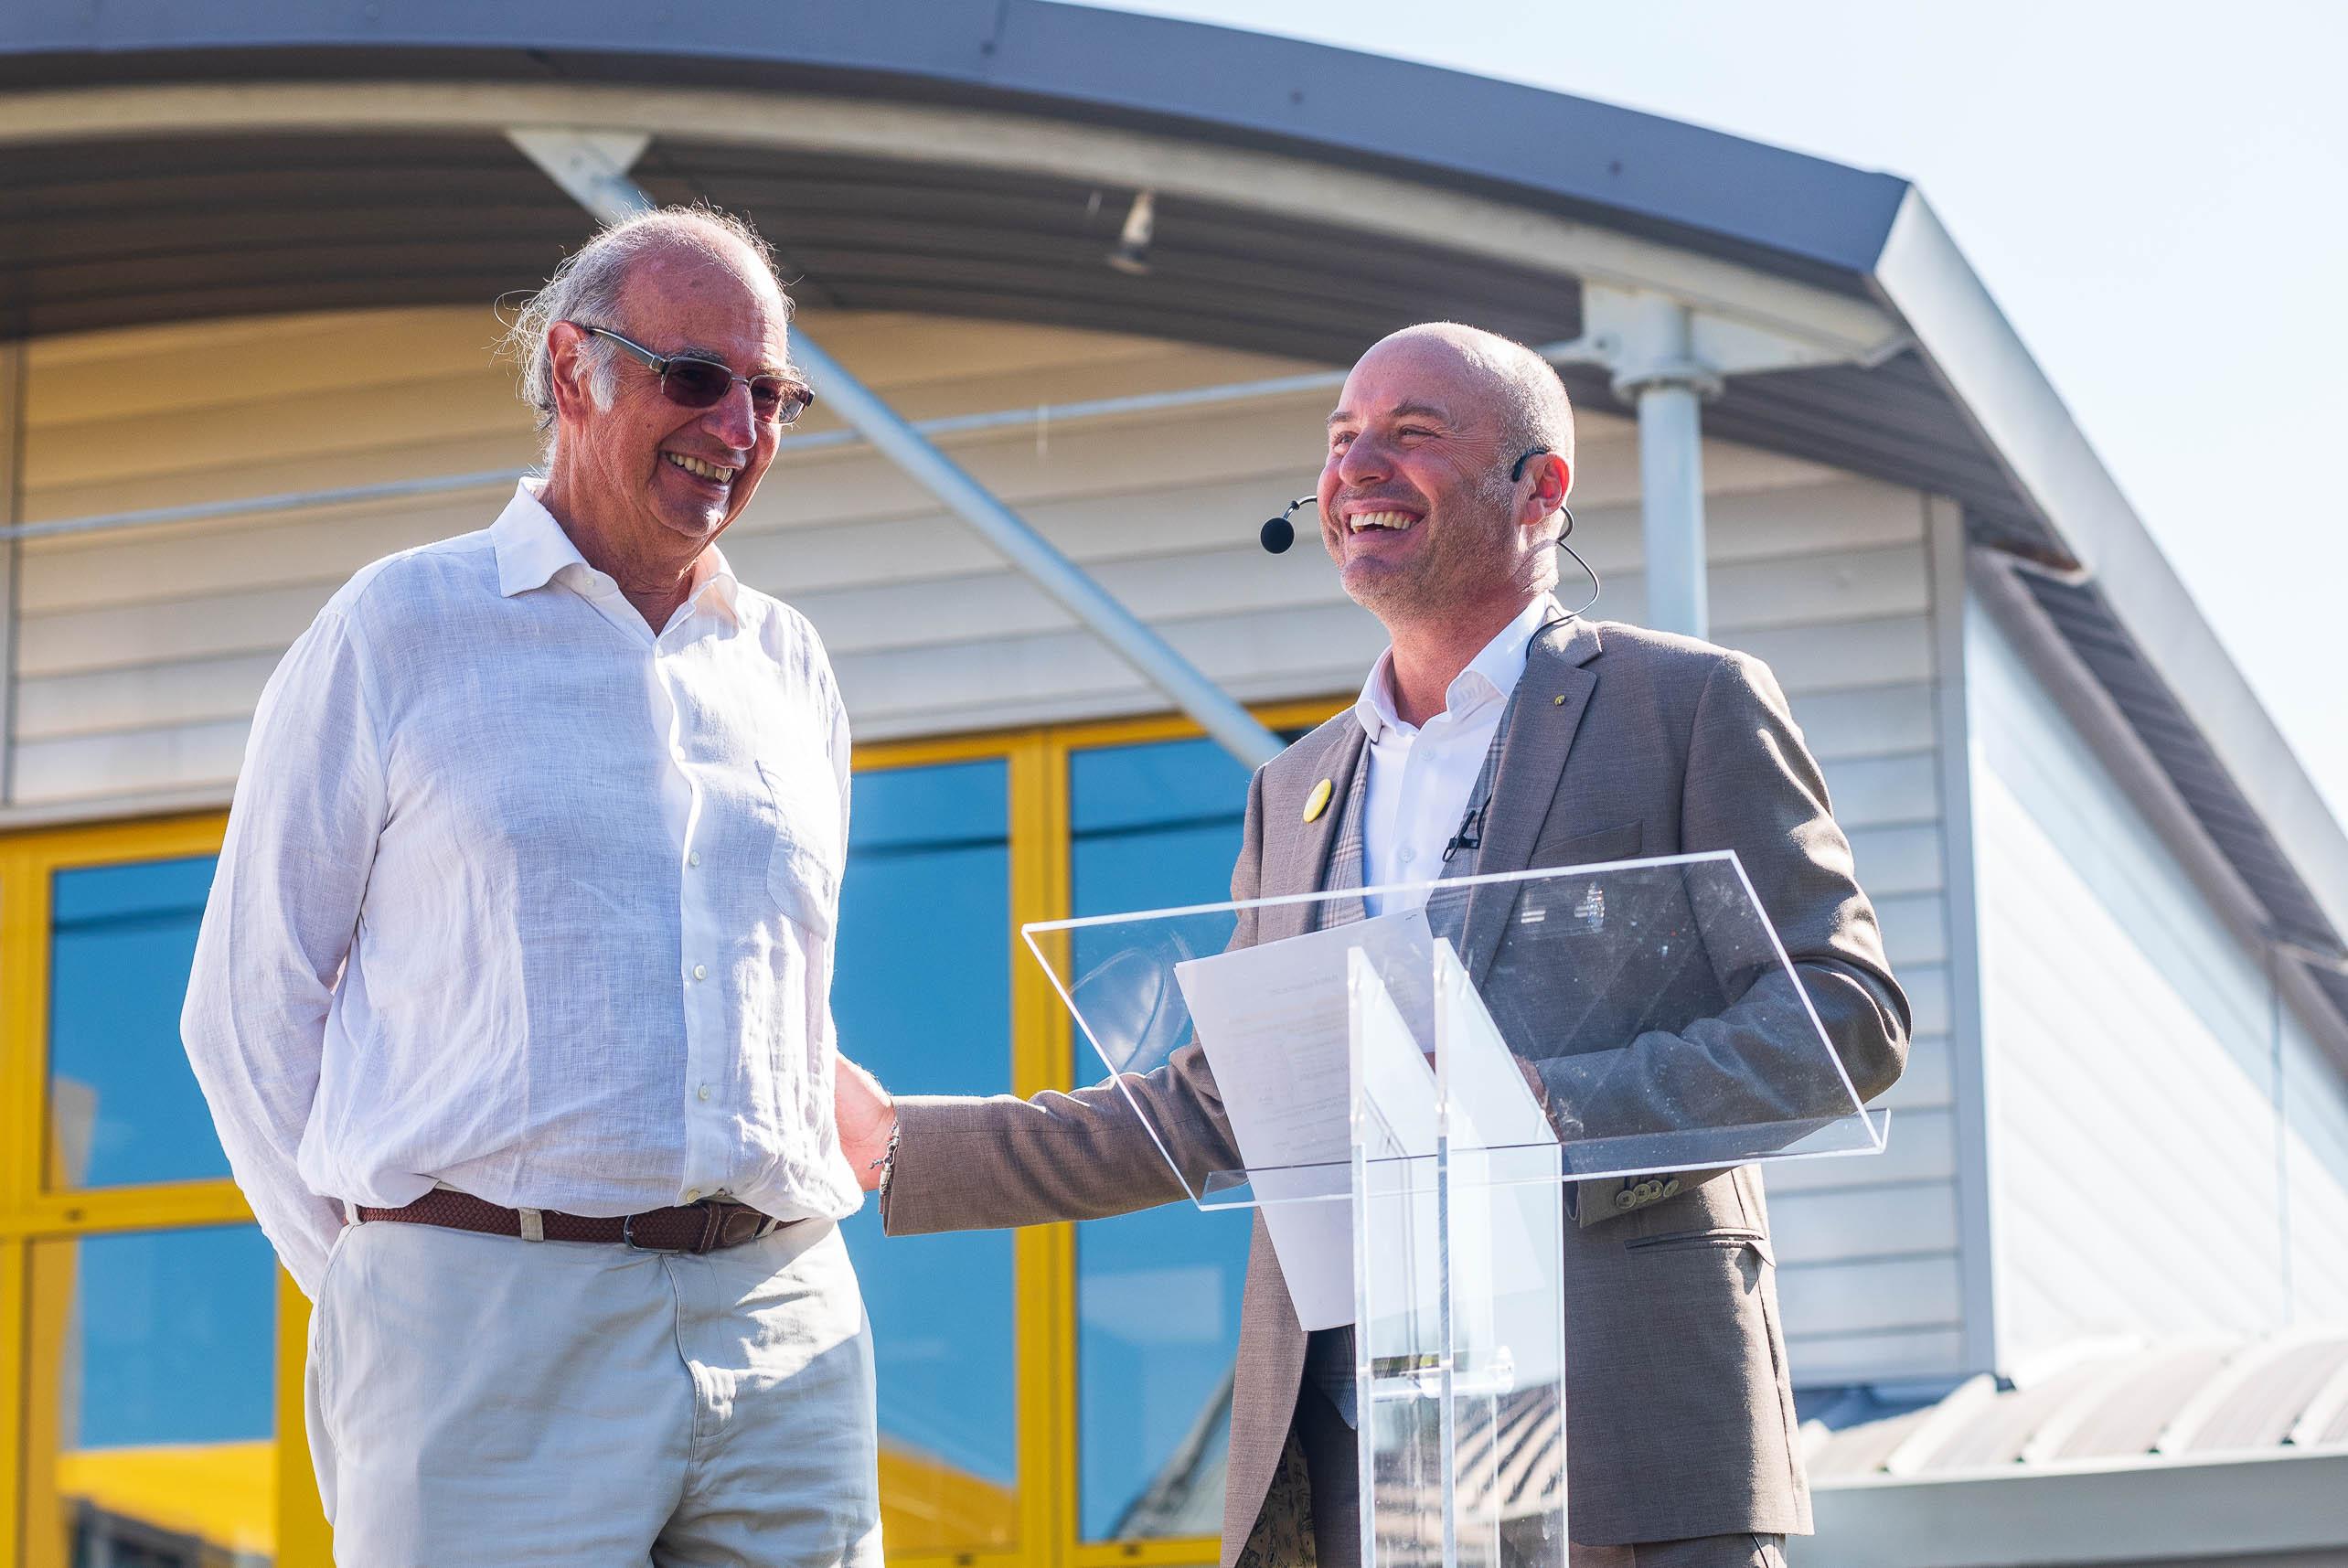 photo en couleur représentant Paul Lhotellier et son père pendant le discours d'ouverture de la fête des 100 ans auteur Franck Burjes photographe de reportage à Amiens